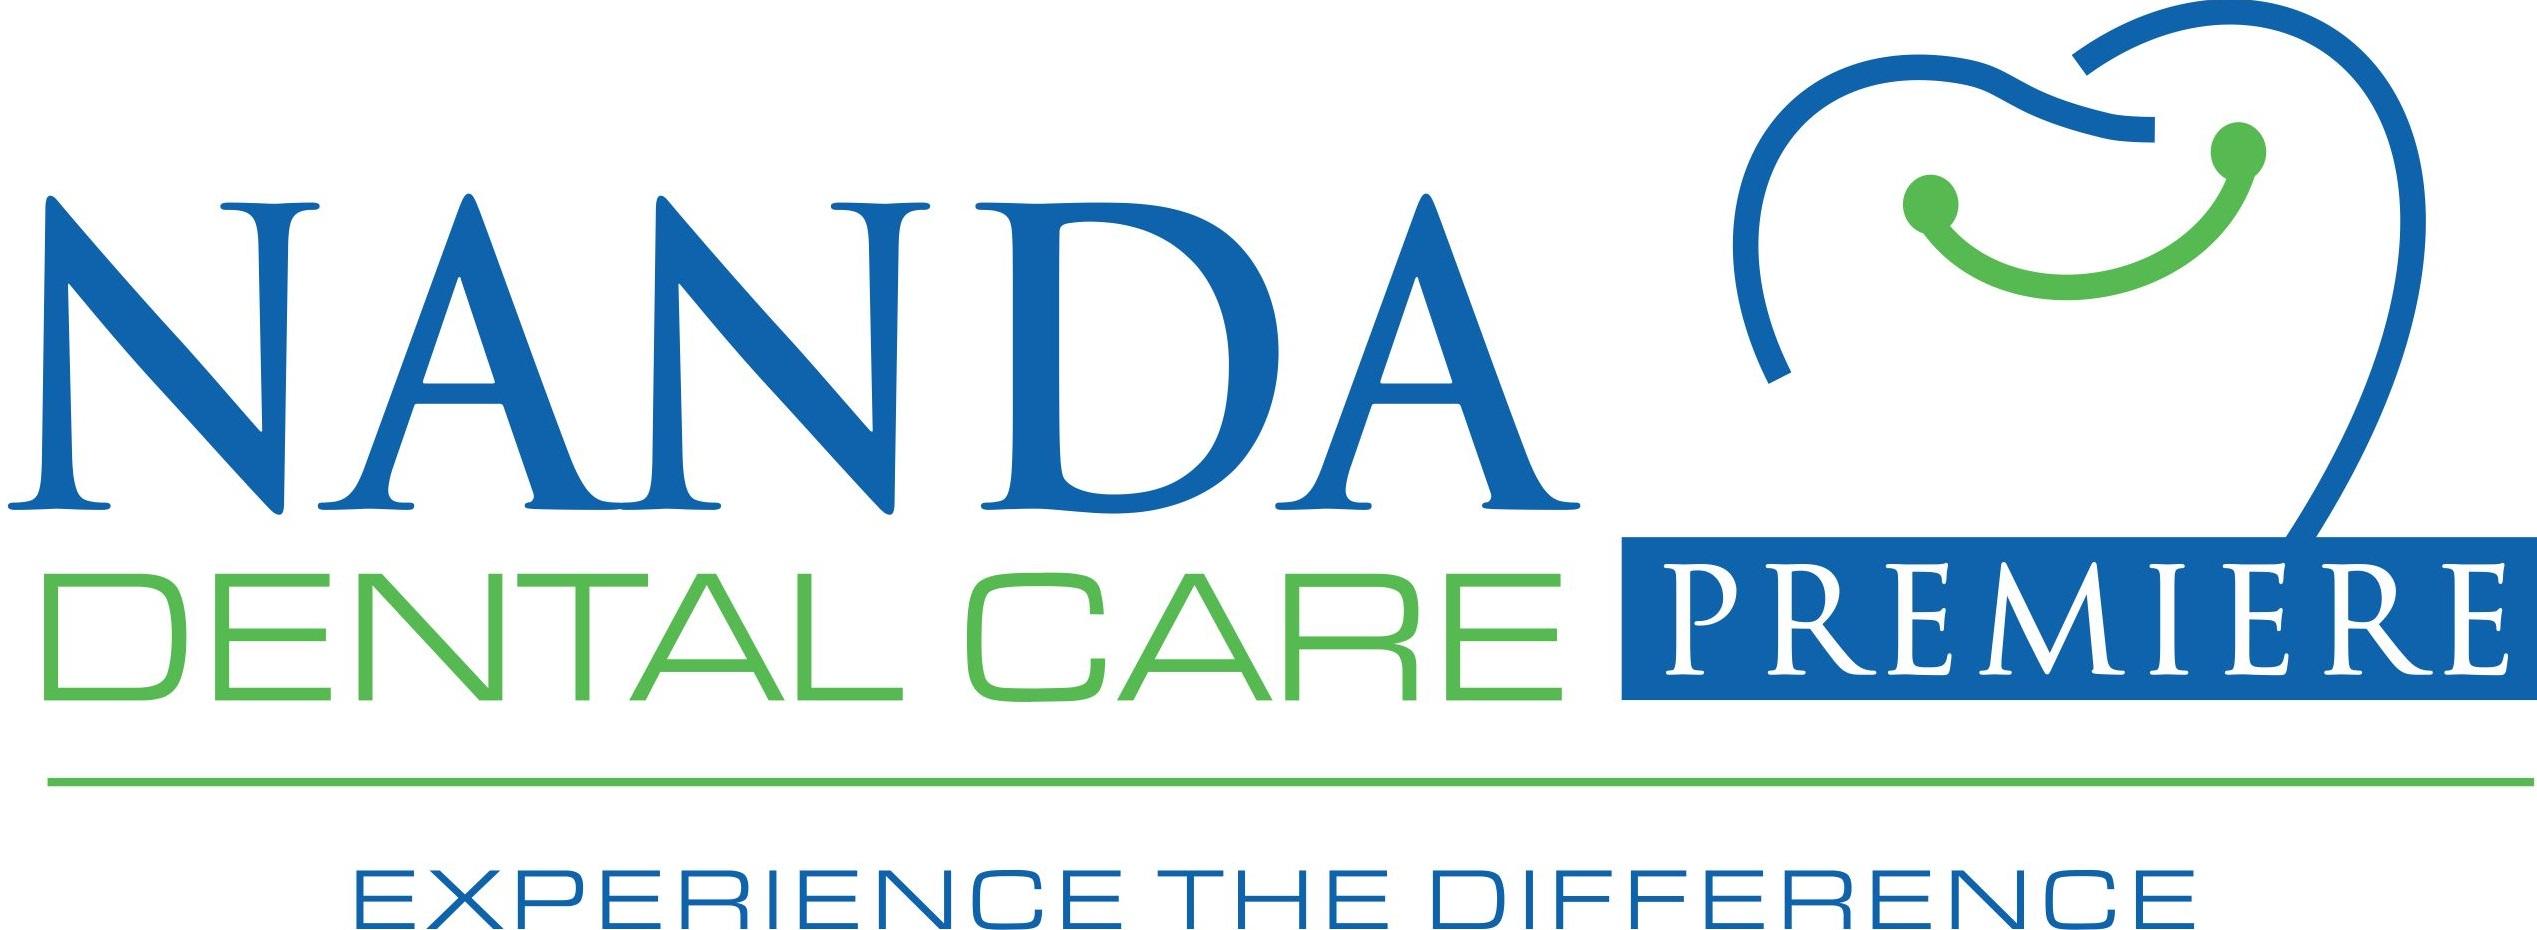 Nanda Dental Care Premier